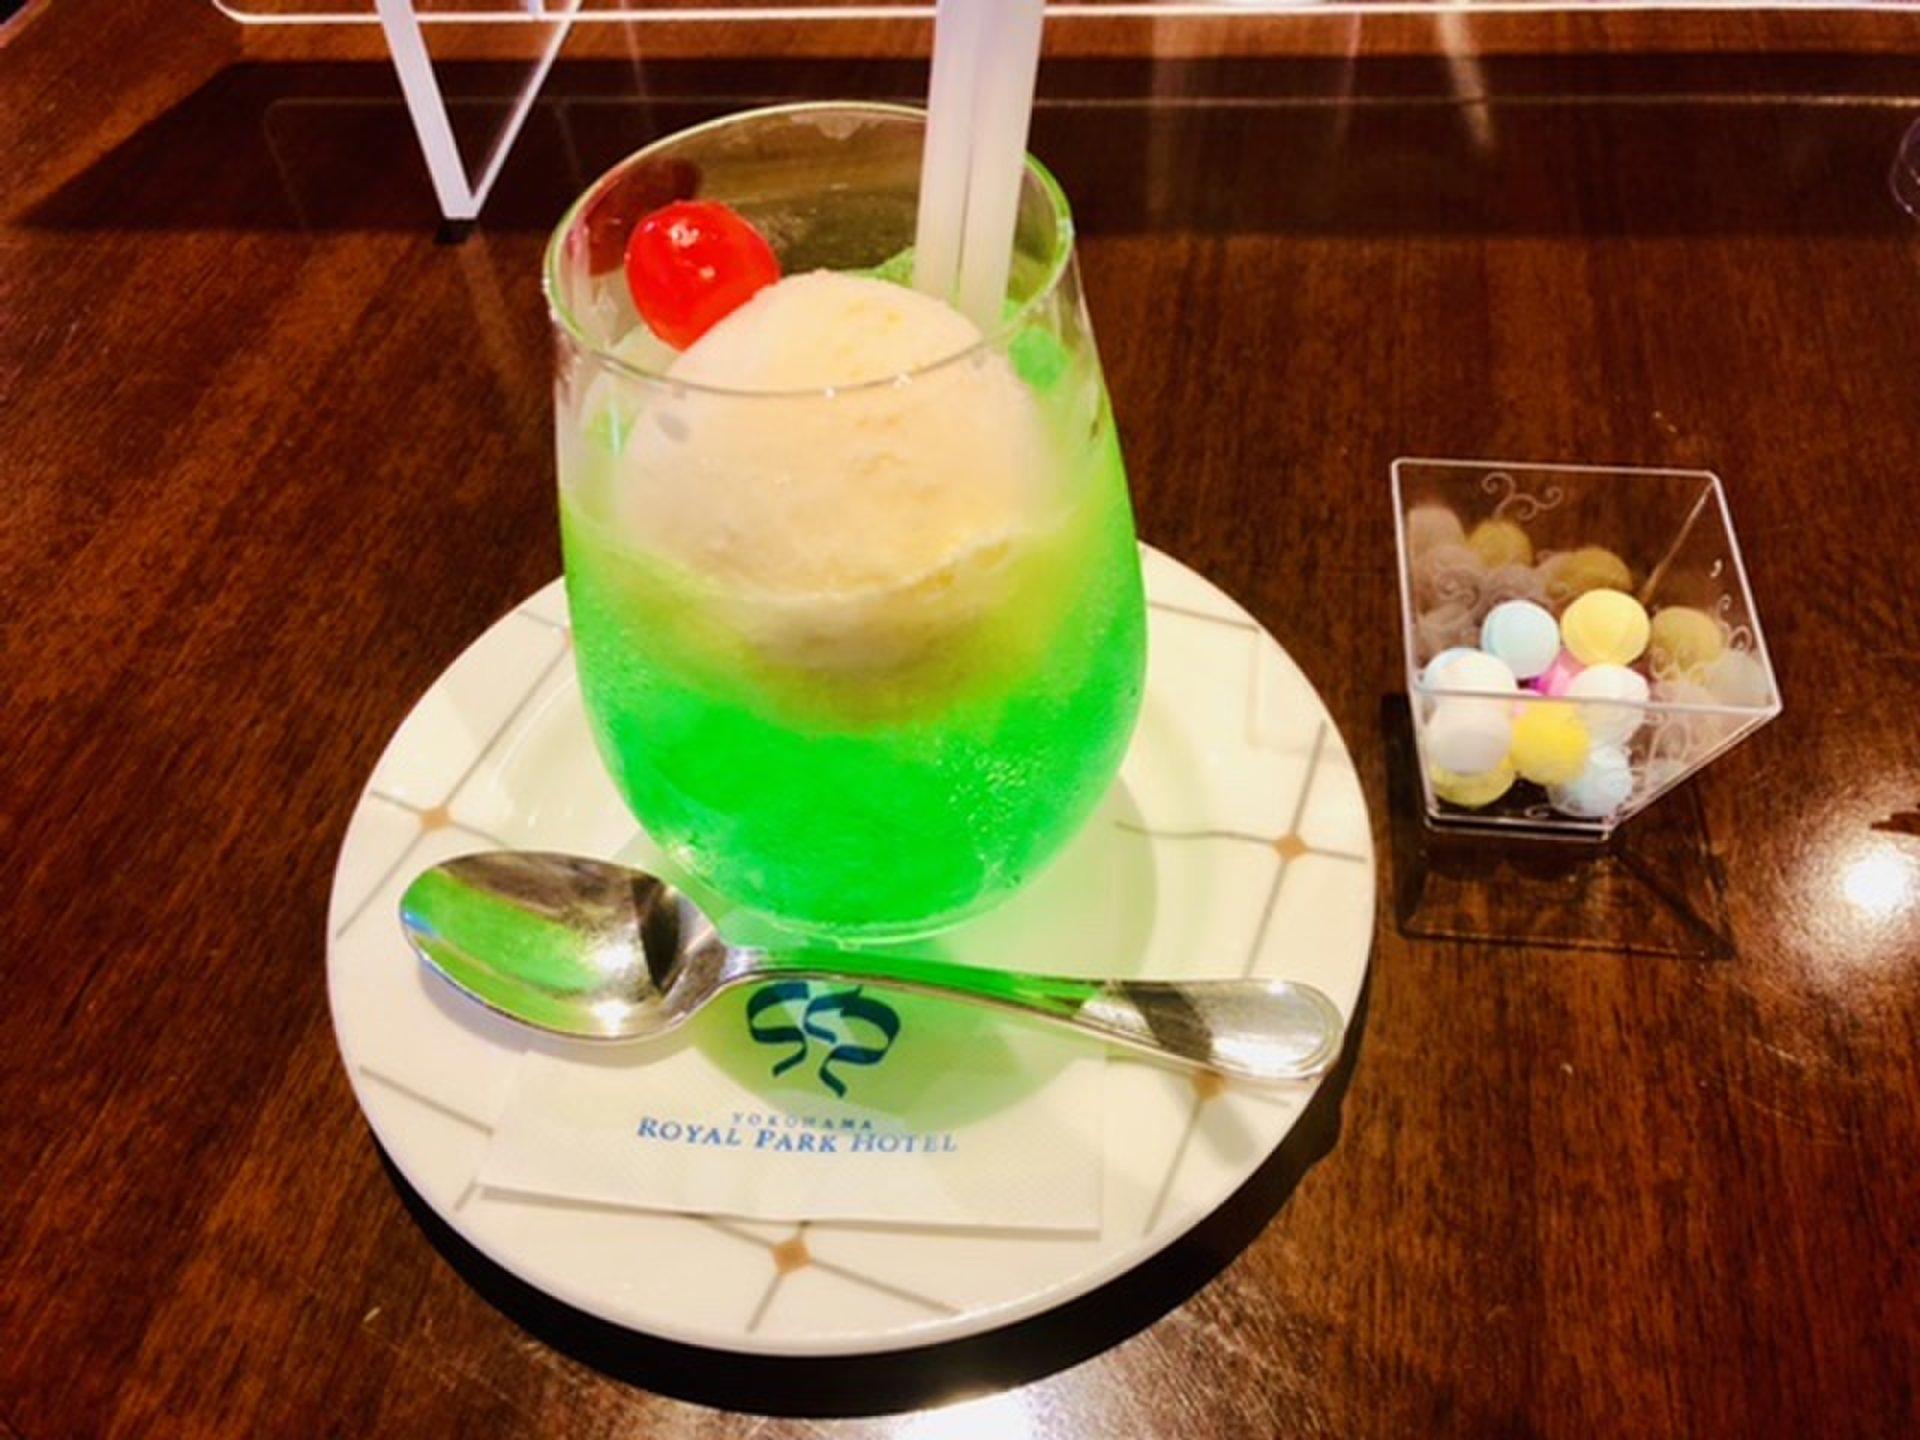 夏は横浜で思い出を作ろう!みなとみらいで楽しく過ごすホテルライフを紹介!